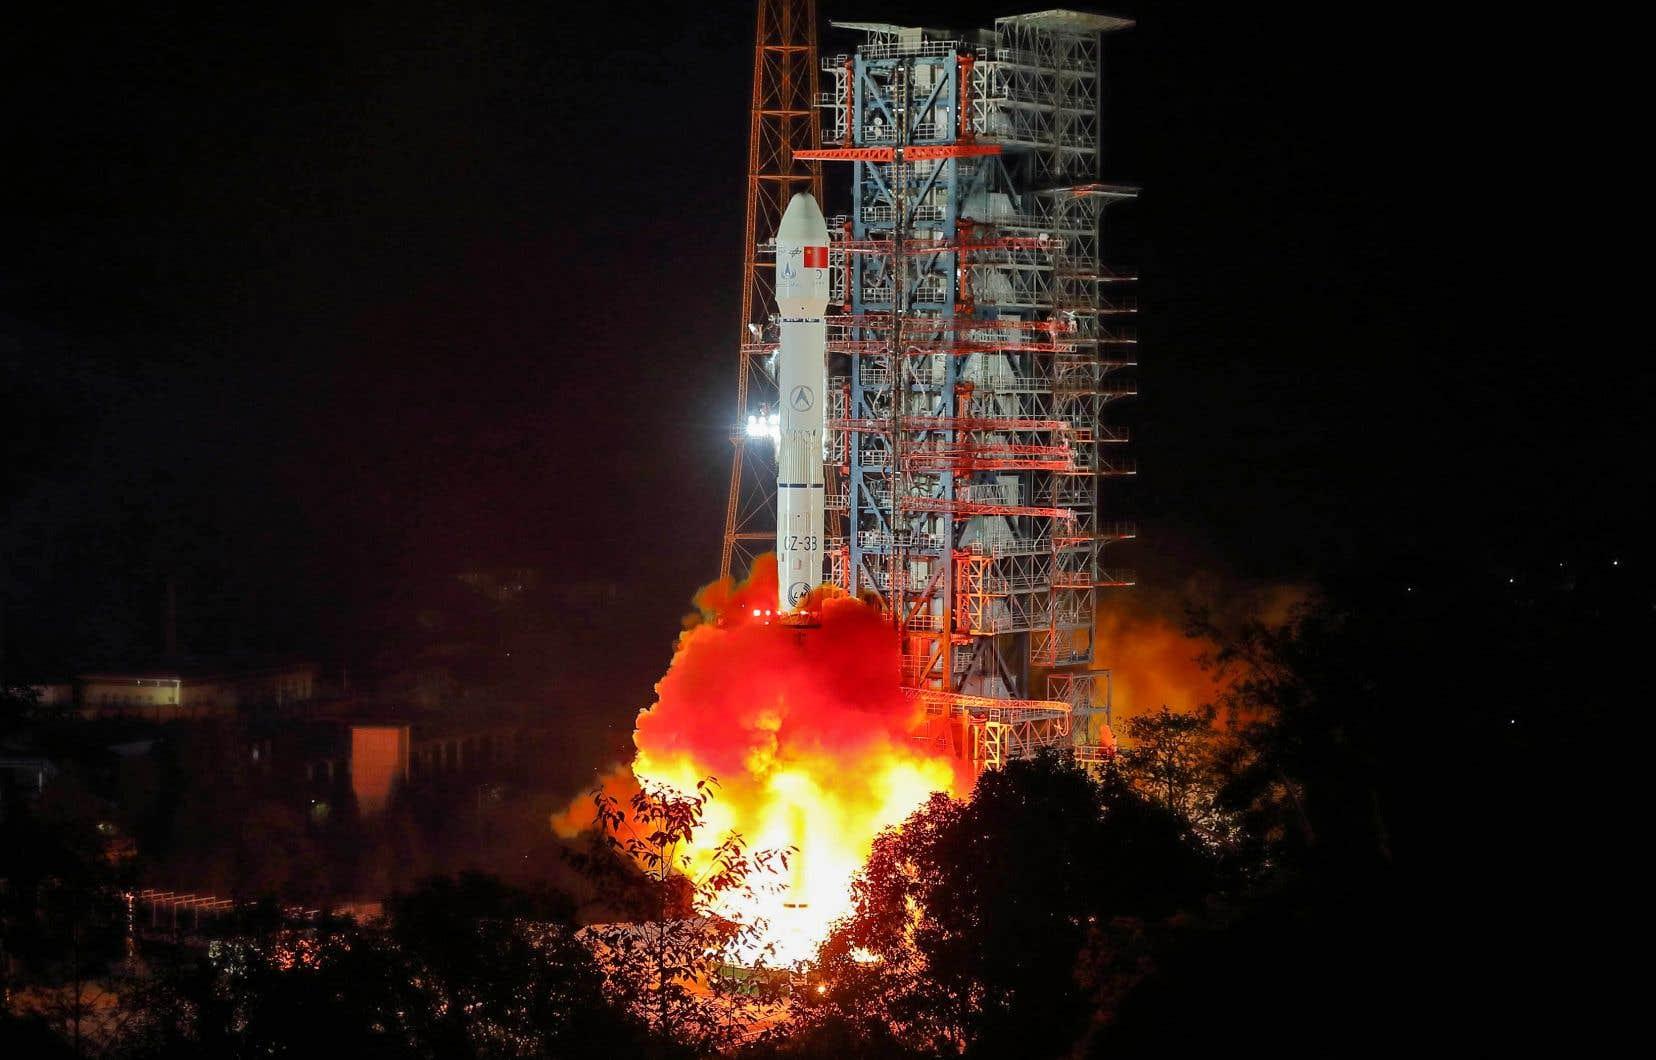 Lancement du module d'exploration lunaireChang'e-4 le 8 décembre dernier